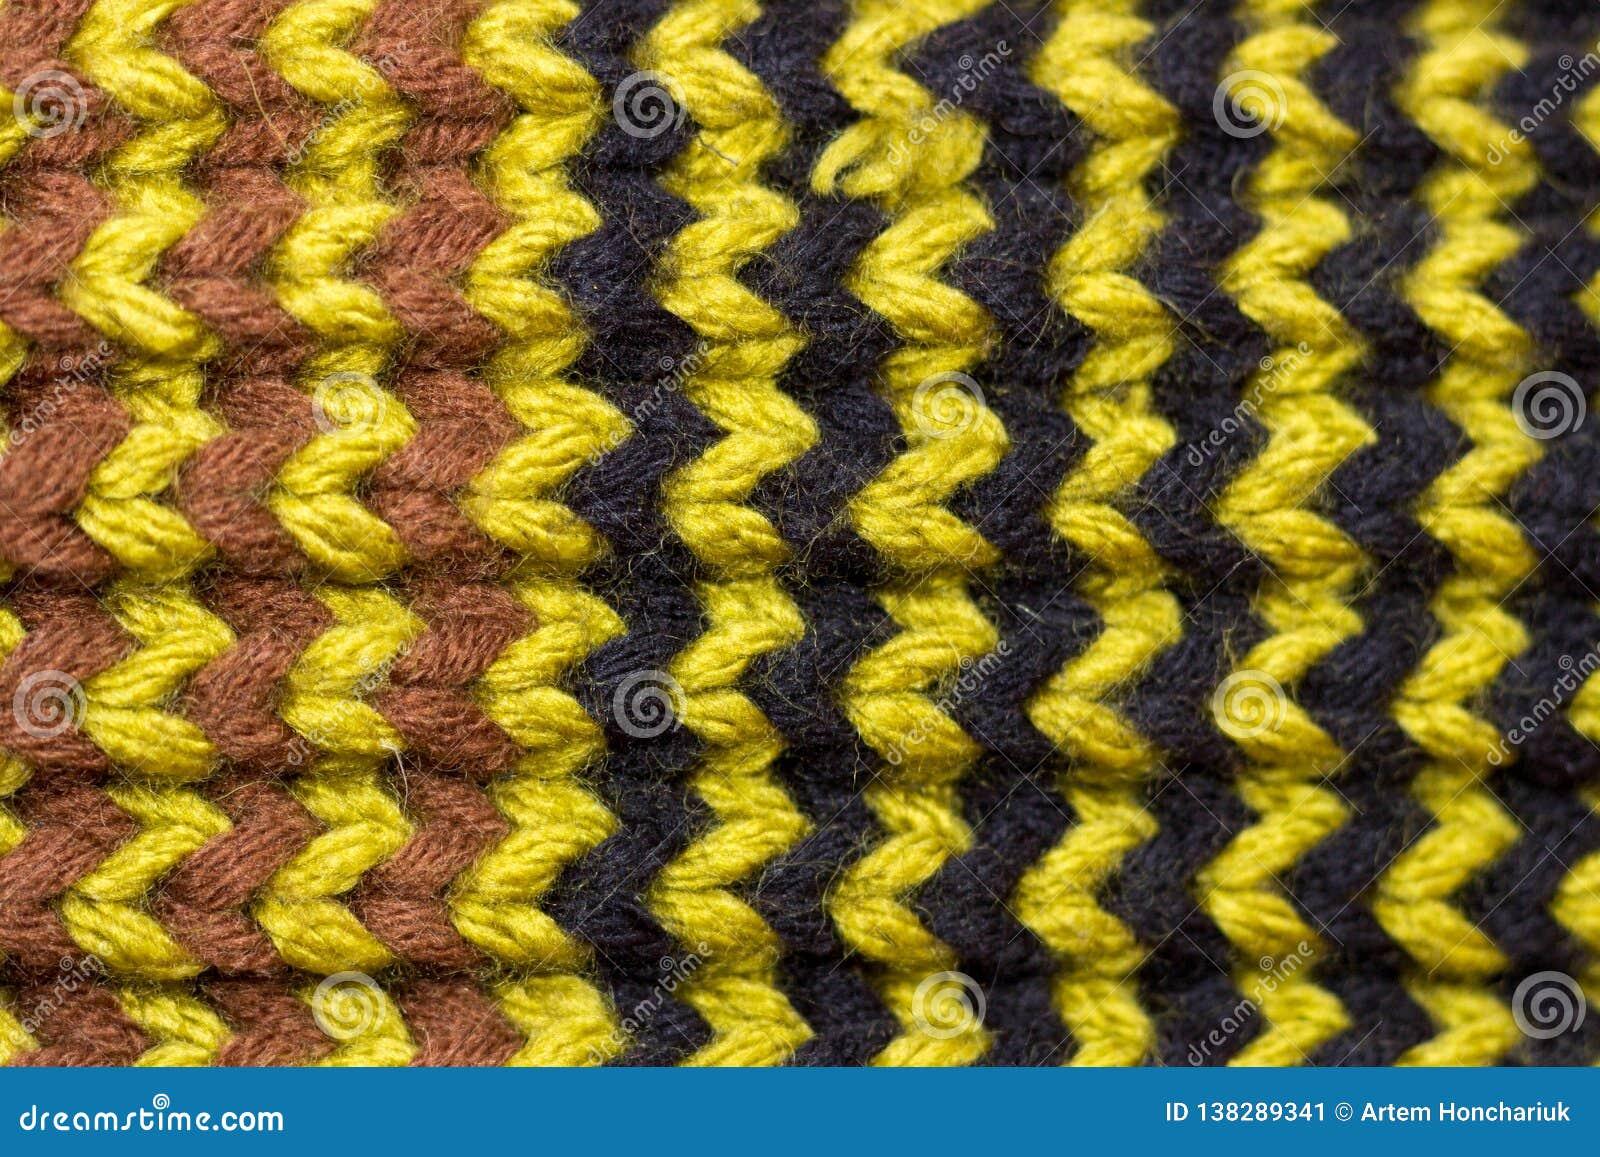 Knitting Achtergrond gebreide textuur Heldere breinaalden Zwart, groen en bruin wollen garen voor het breien